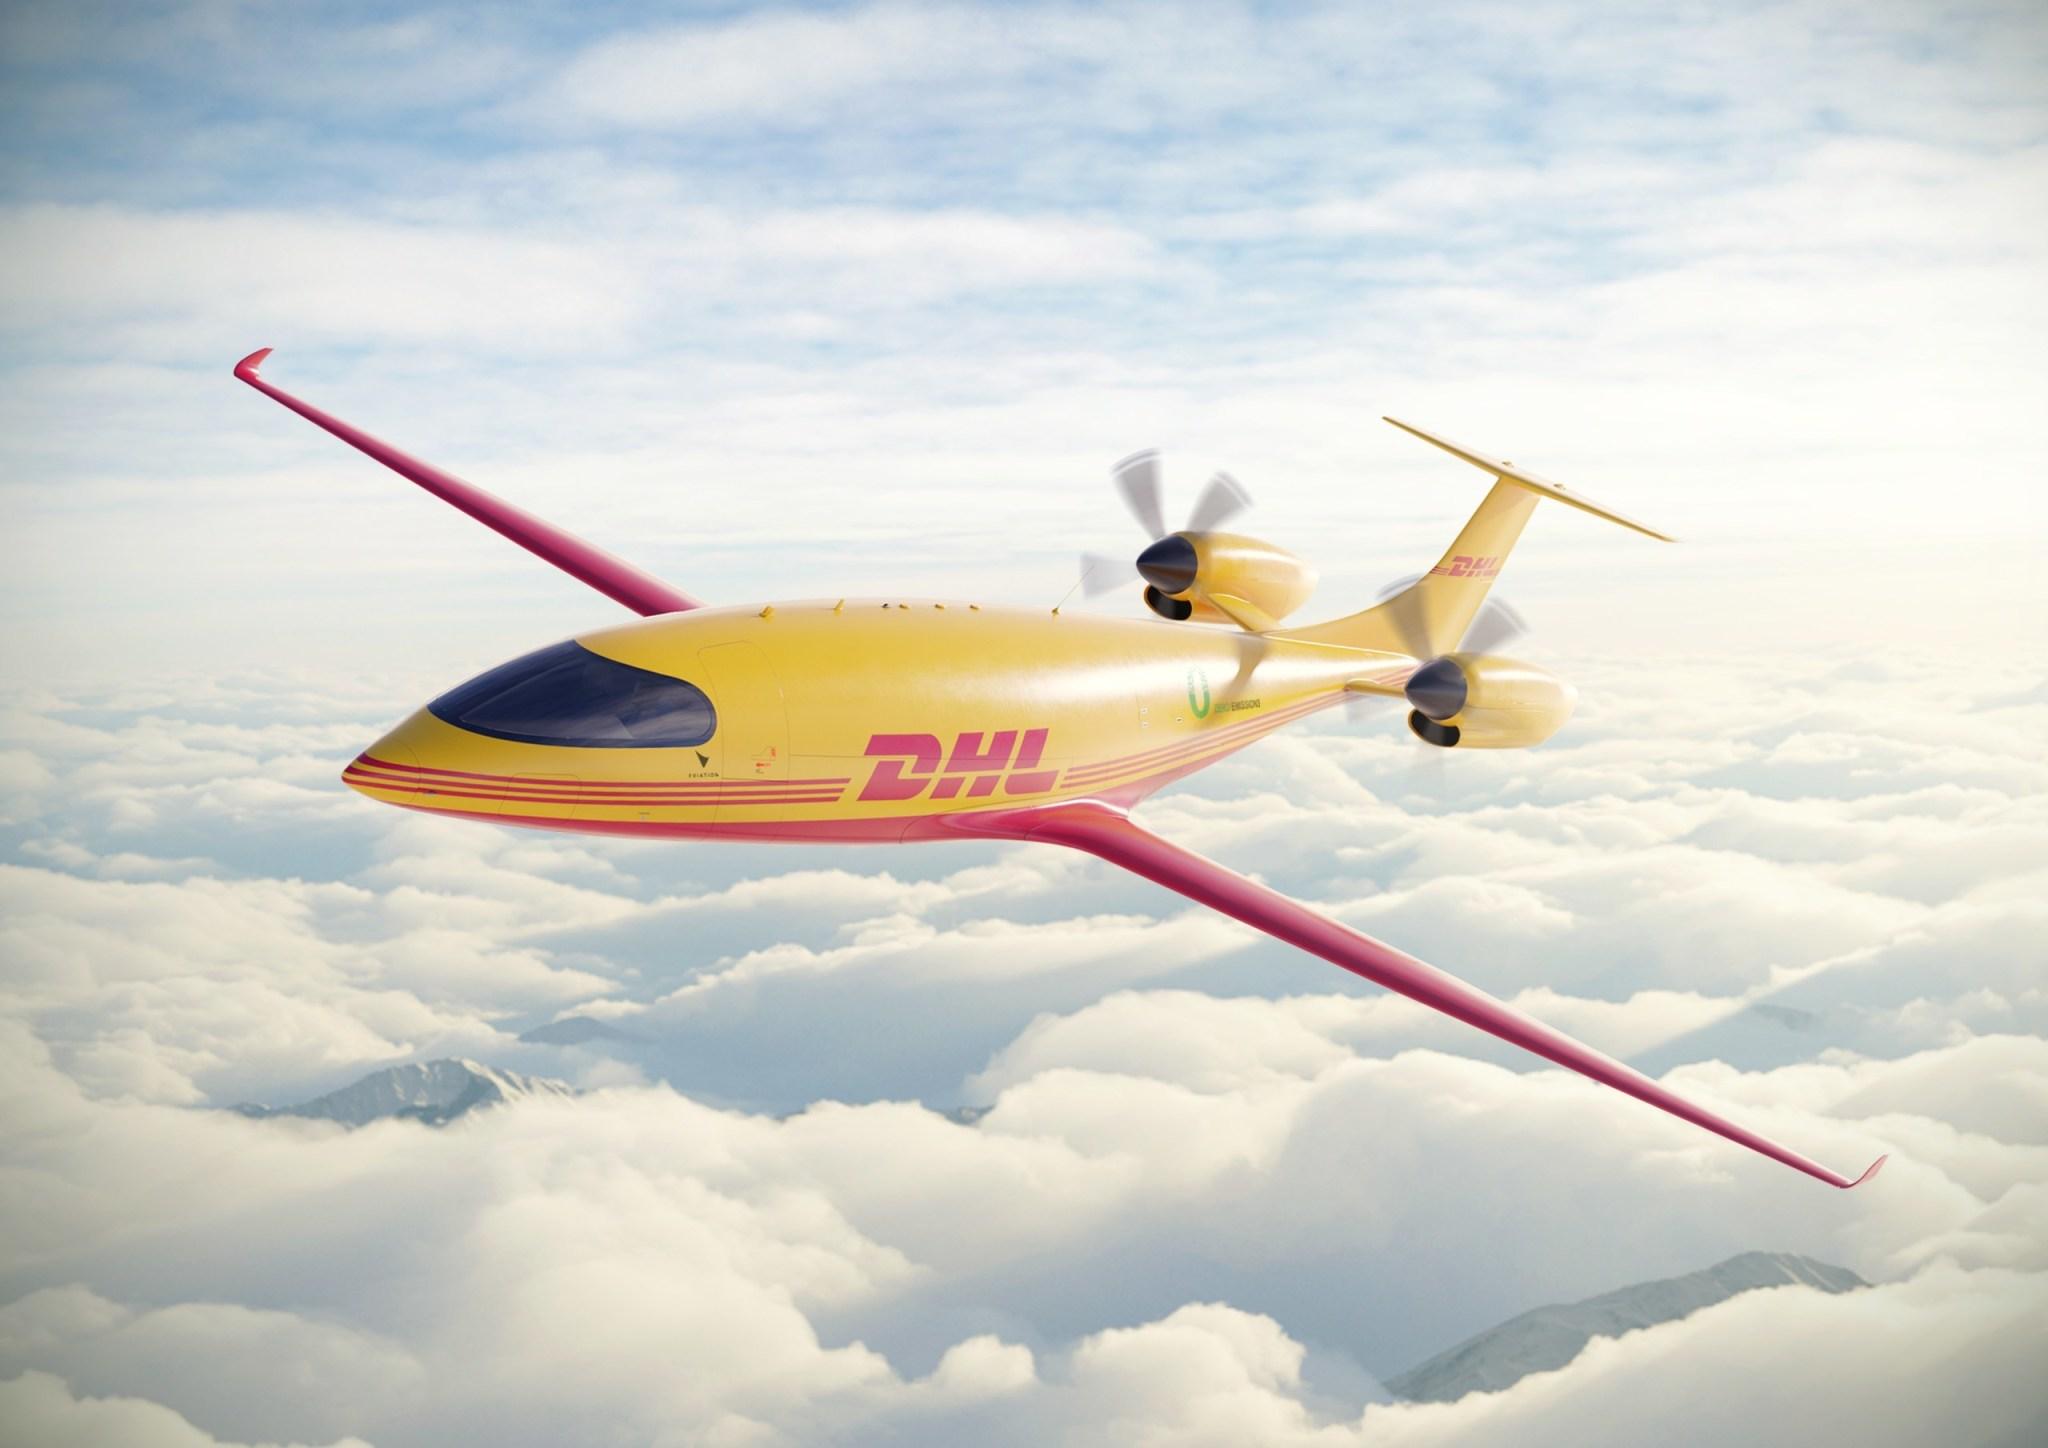 elektrische vliegtuigen DHL